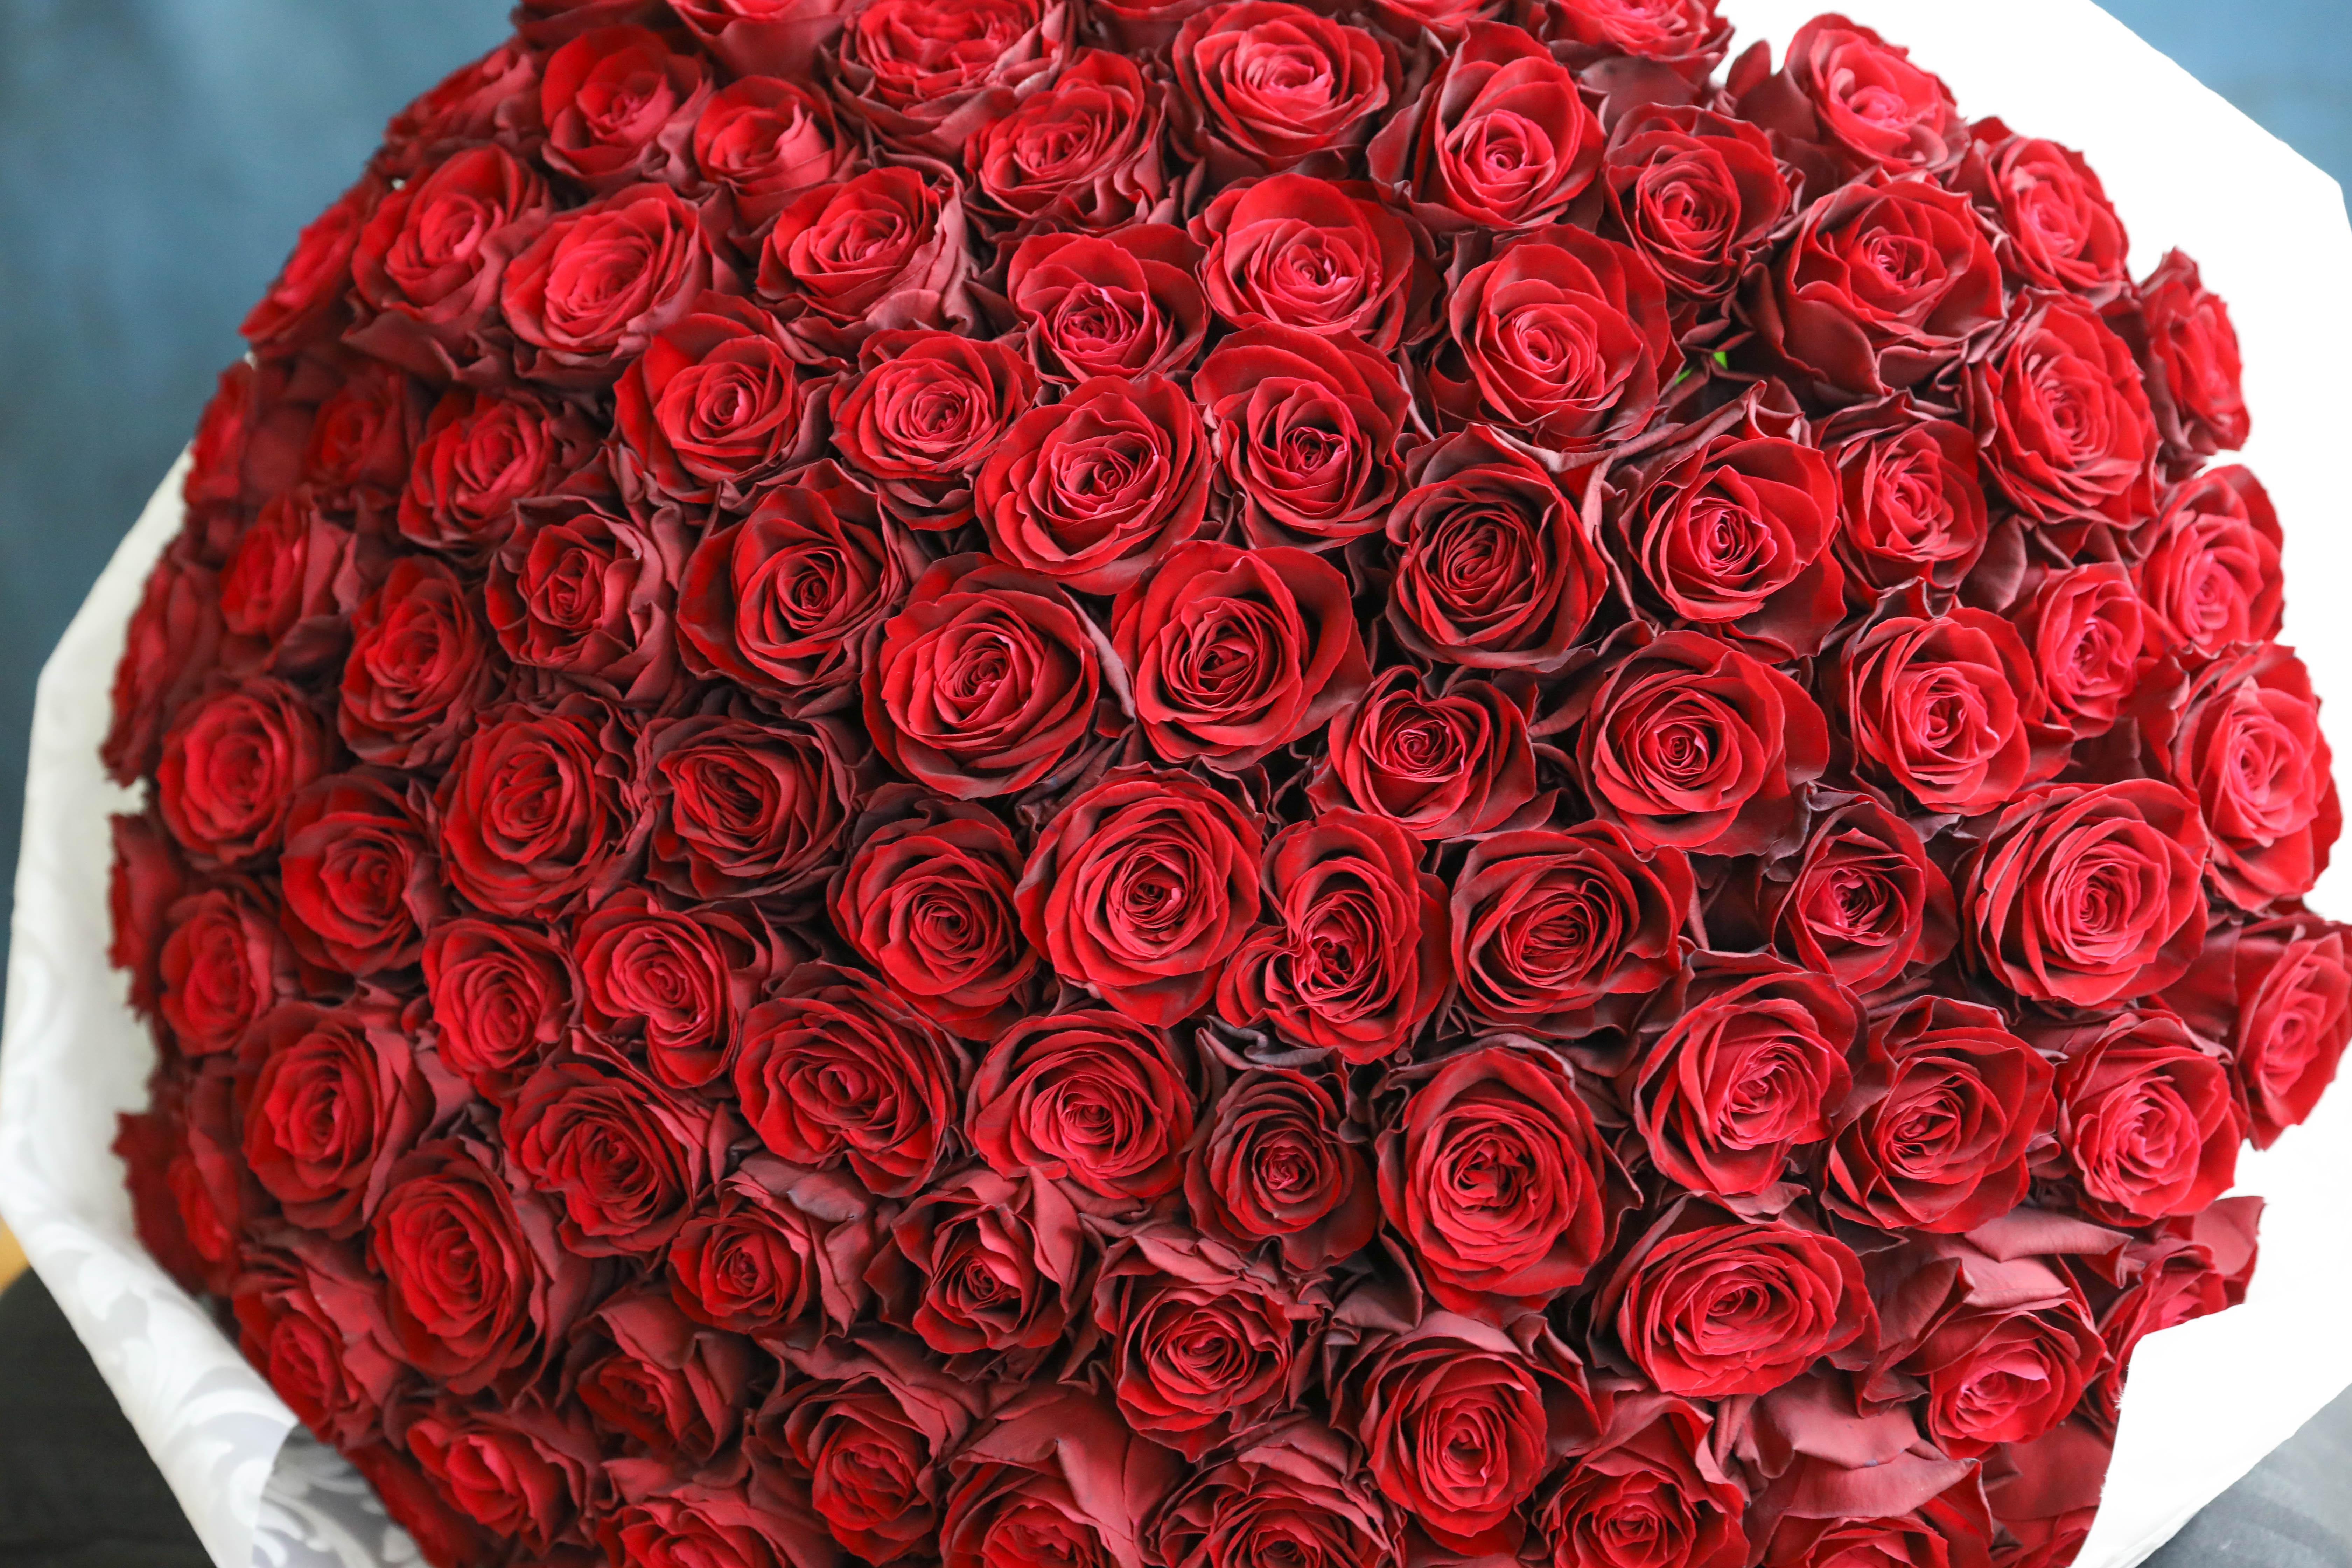 100本のバラの重さは一体どのくらい?